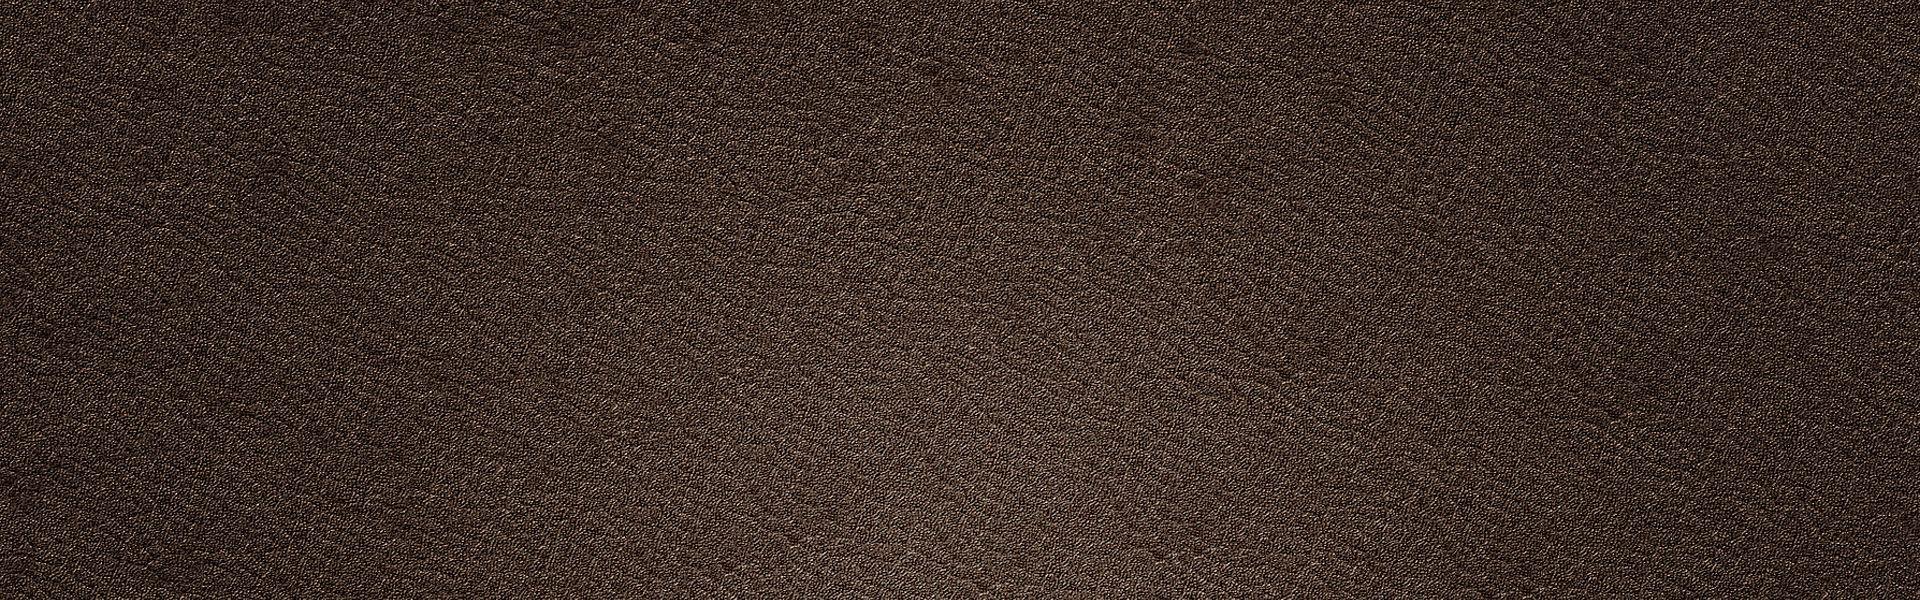 جلد نسيج مادة نمط الخلفية Leather Texture Leather Texture